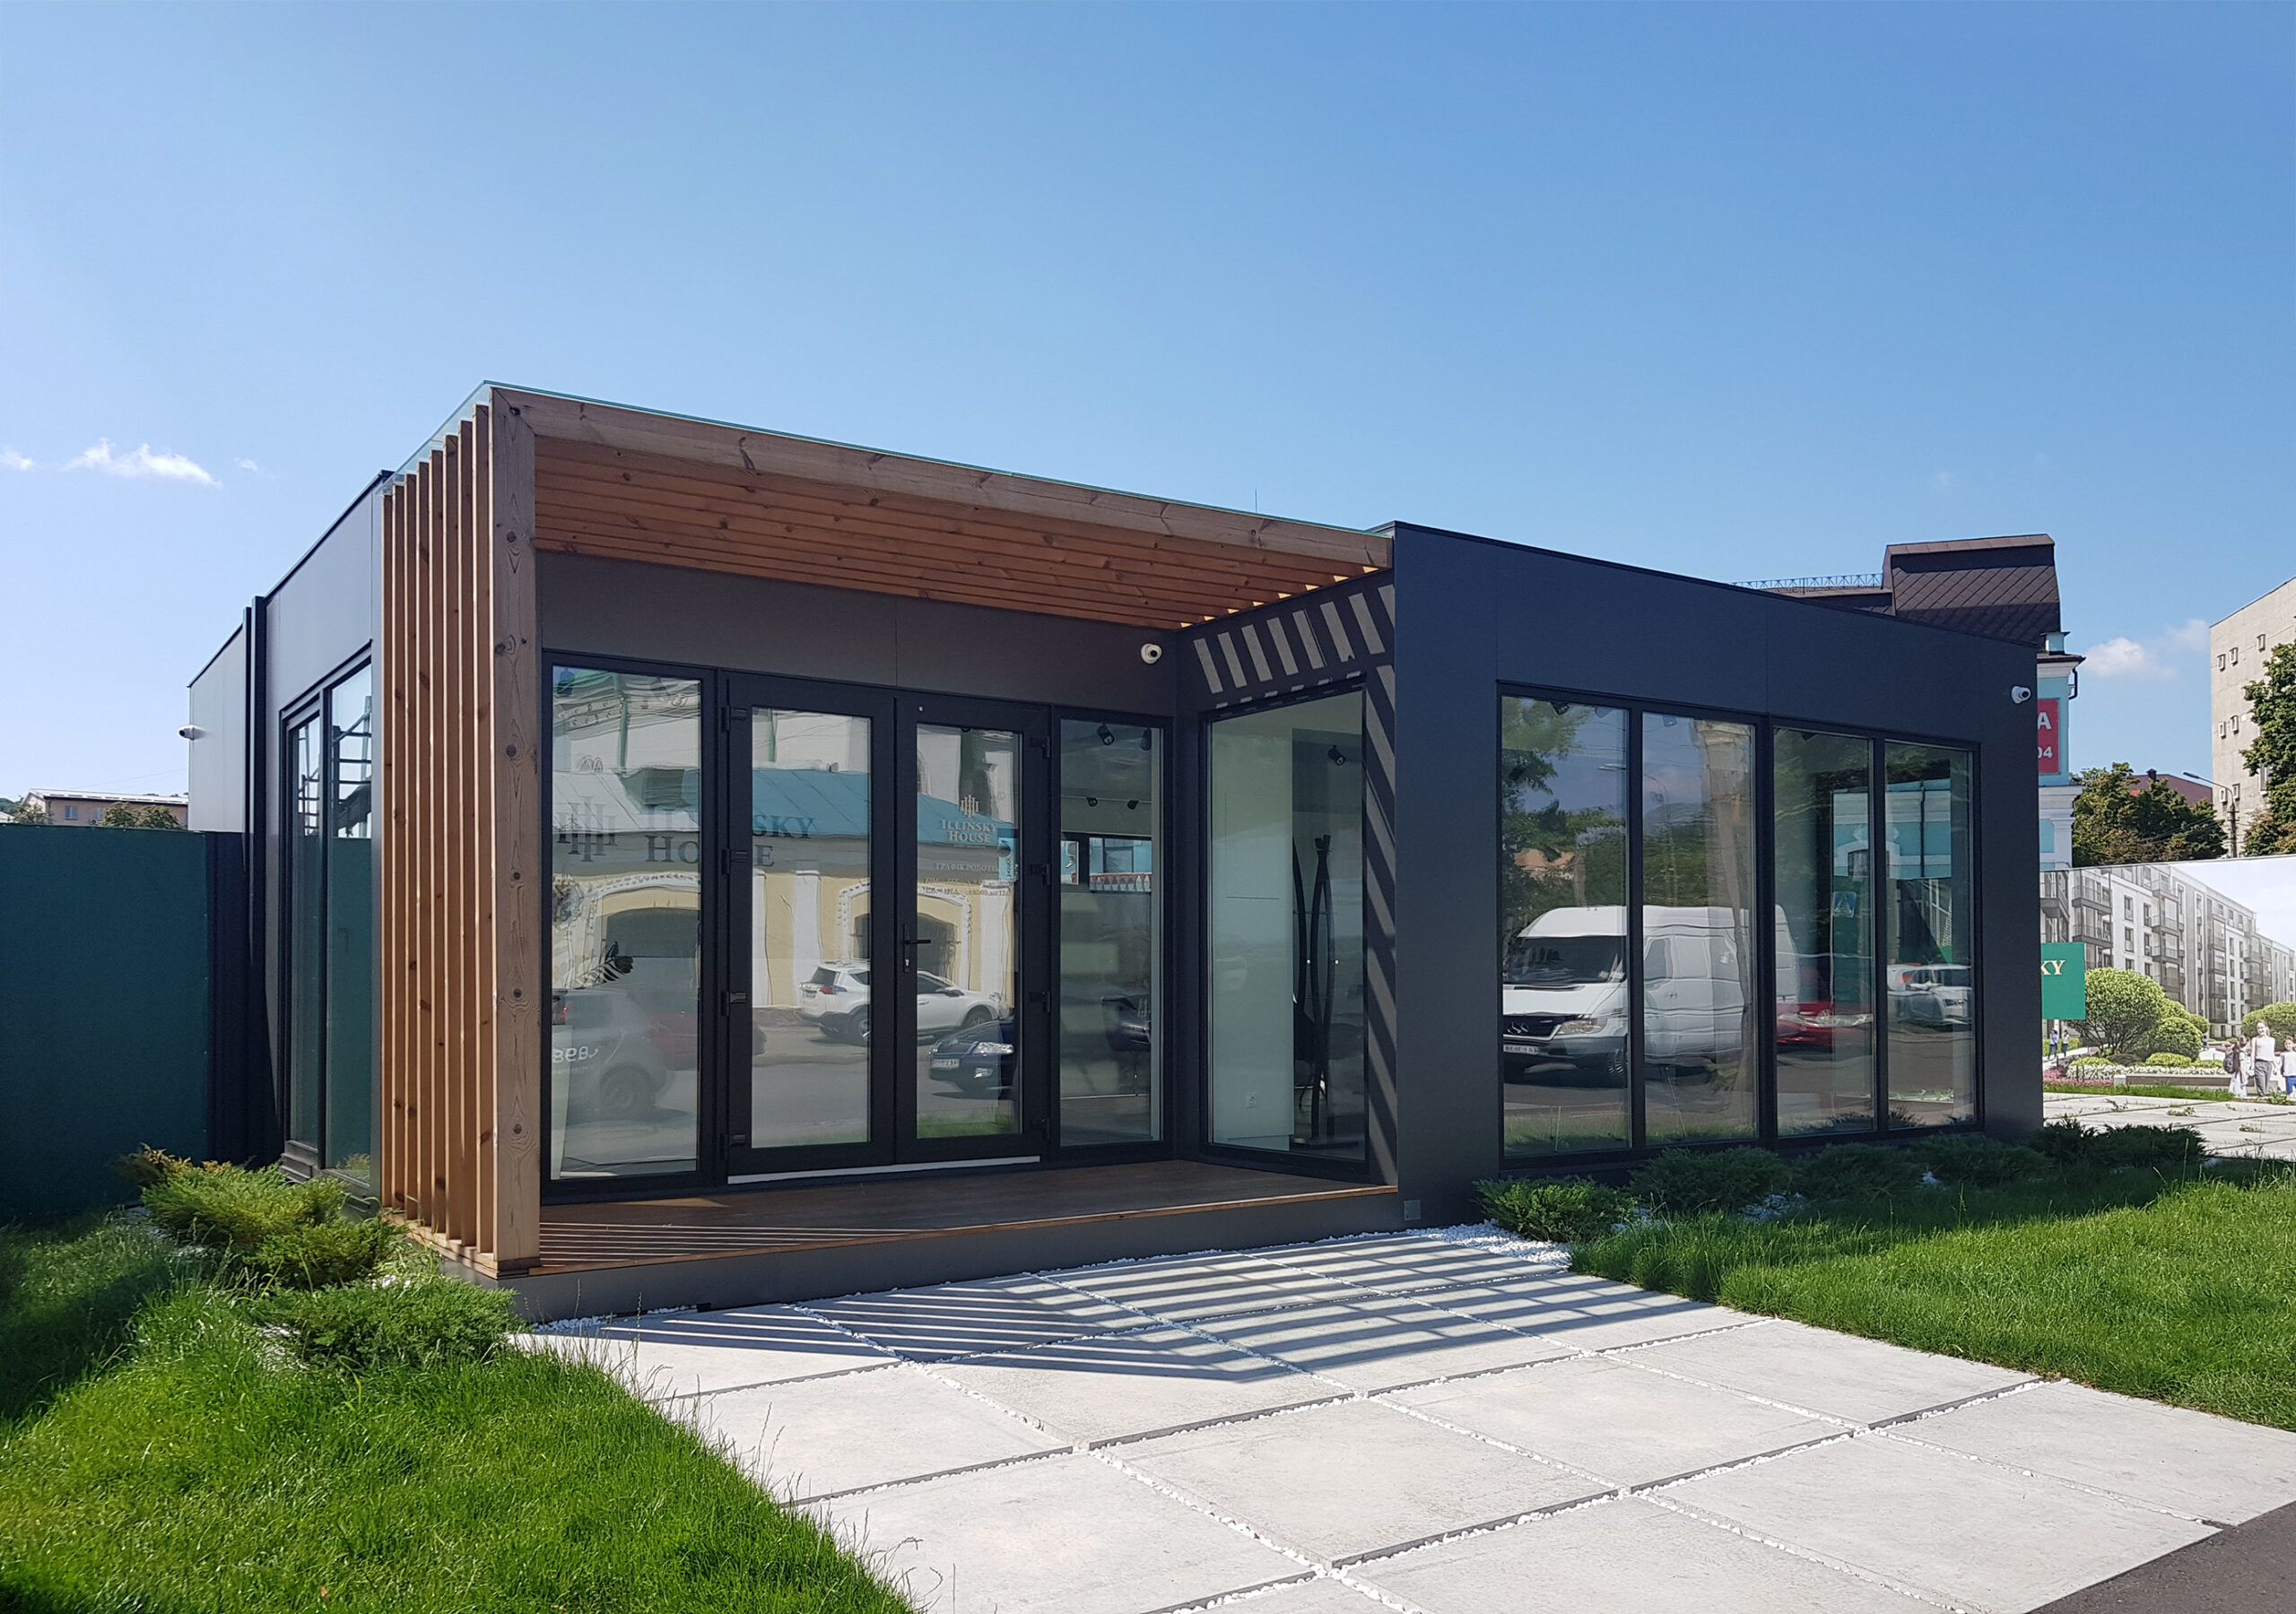 модульний офіс продажу, модульный офис продаж, sales office module house.